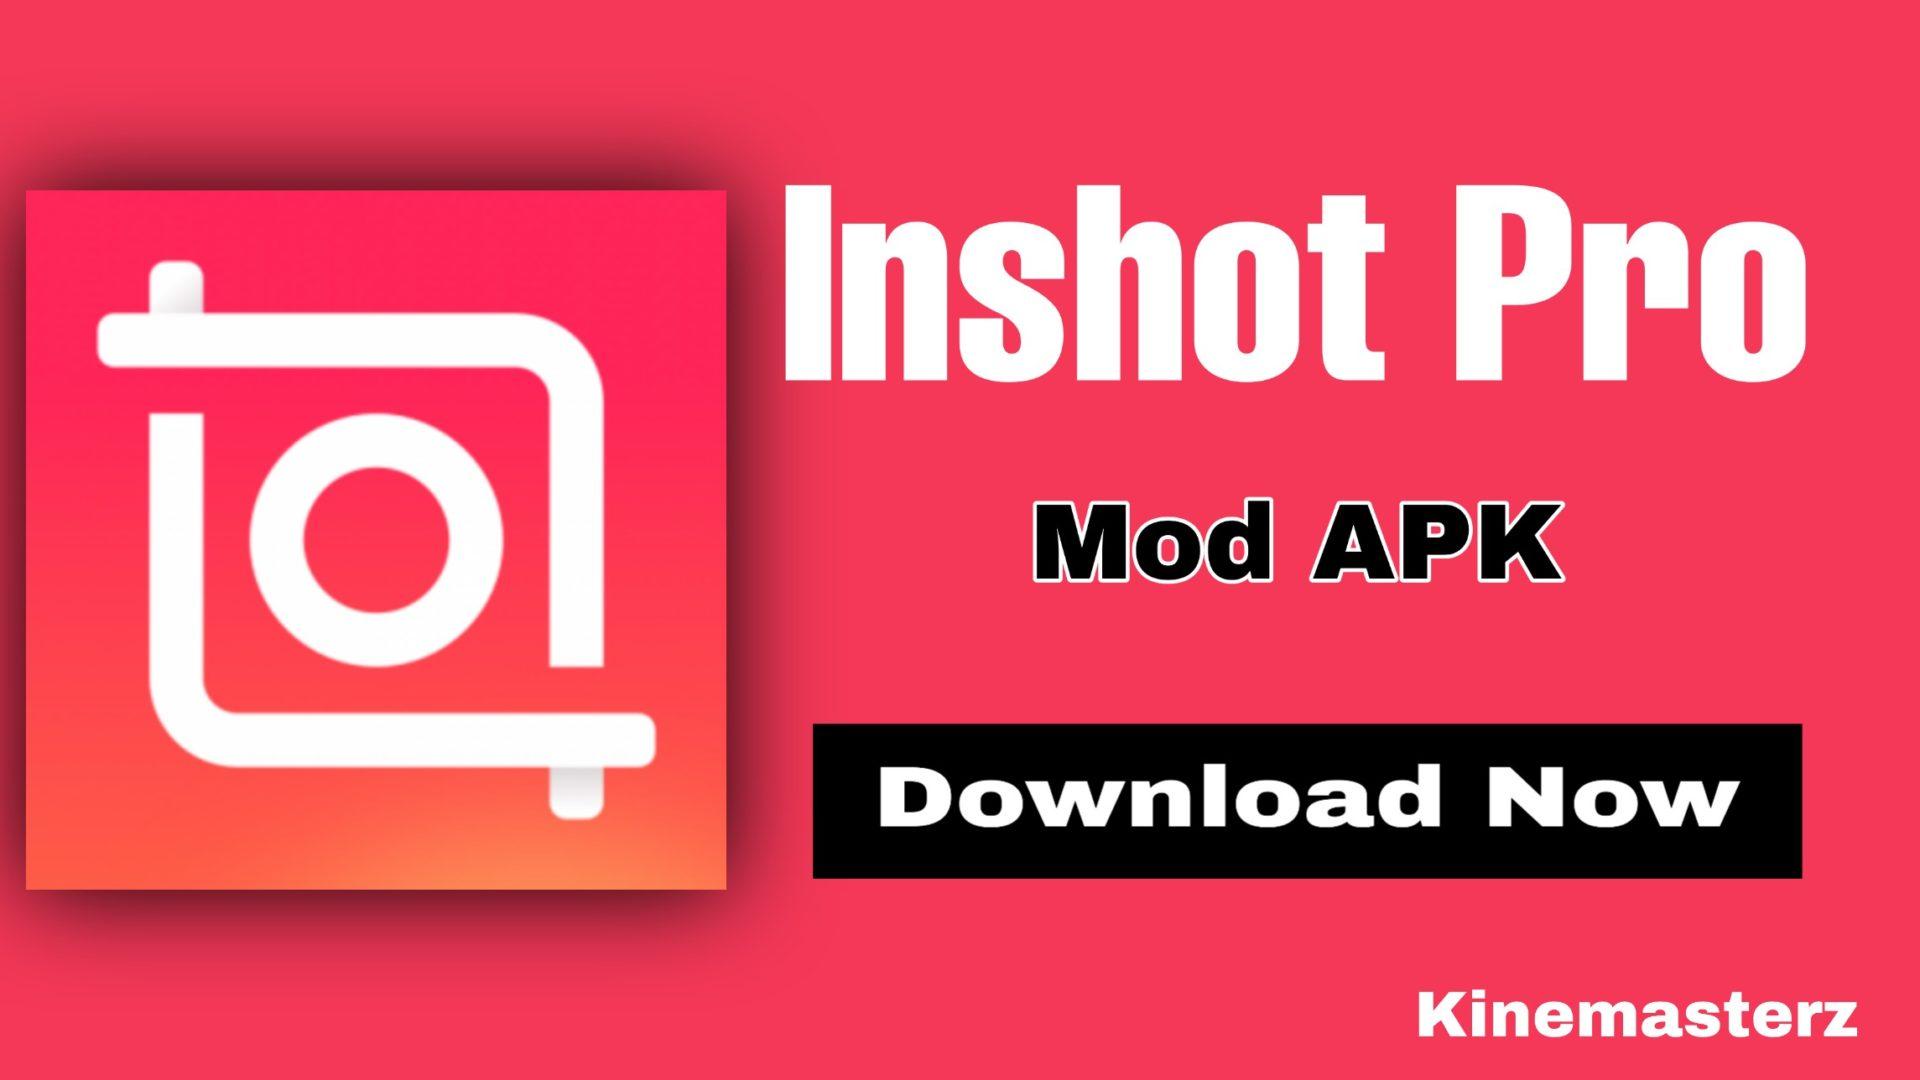 InShot Pro Apk v1.740.1328 Download (Mod, No Watermark)